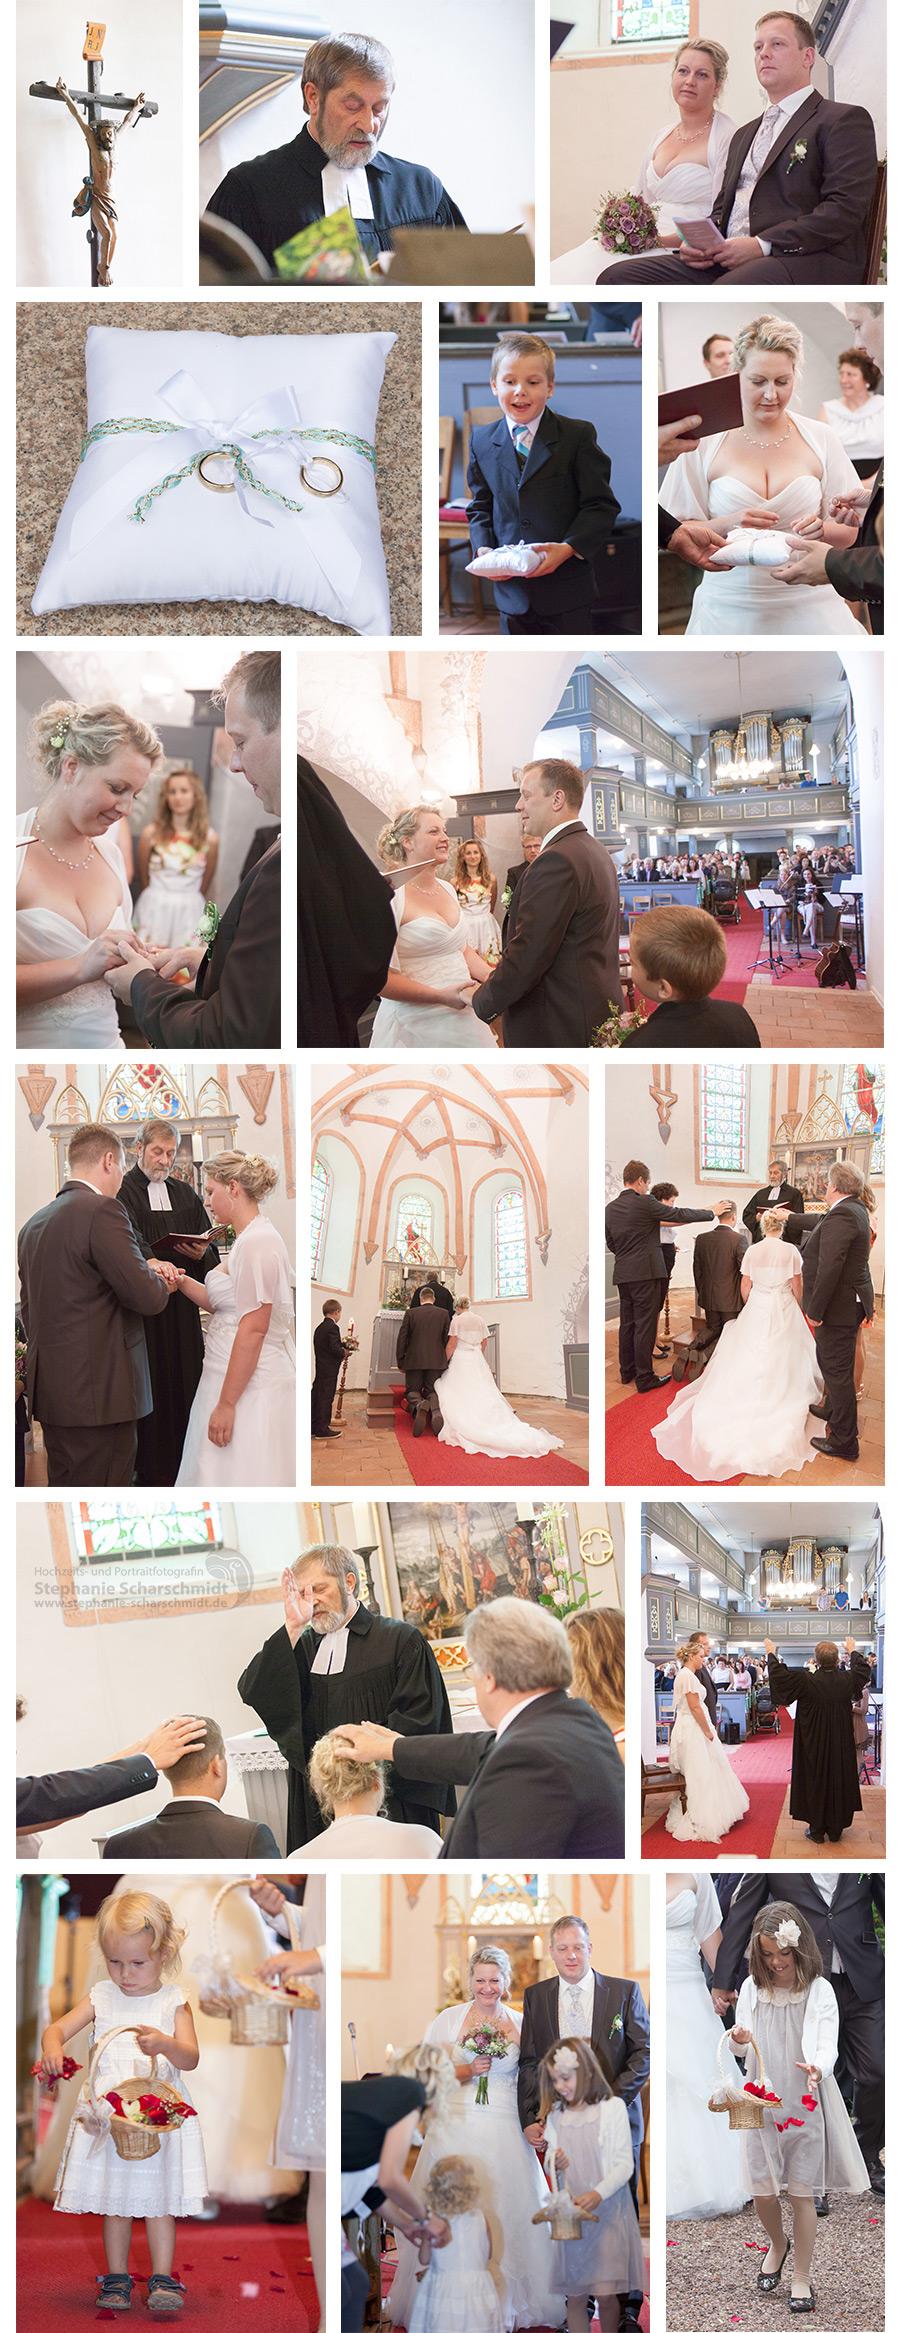 Kirchliche Trauung in Zwickau – jetzt anschauen Hochzeitsfotograf Zwickau- Hochzeitsfotograf-Zwickau-Stephanie-Scharschmidt